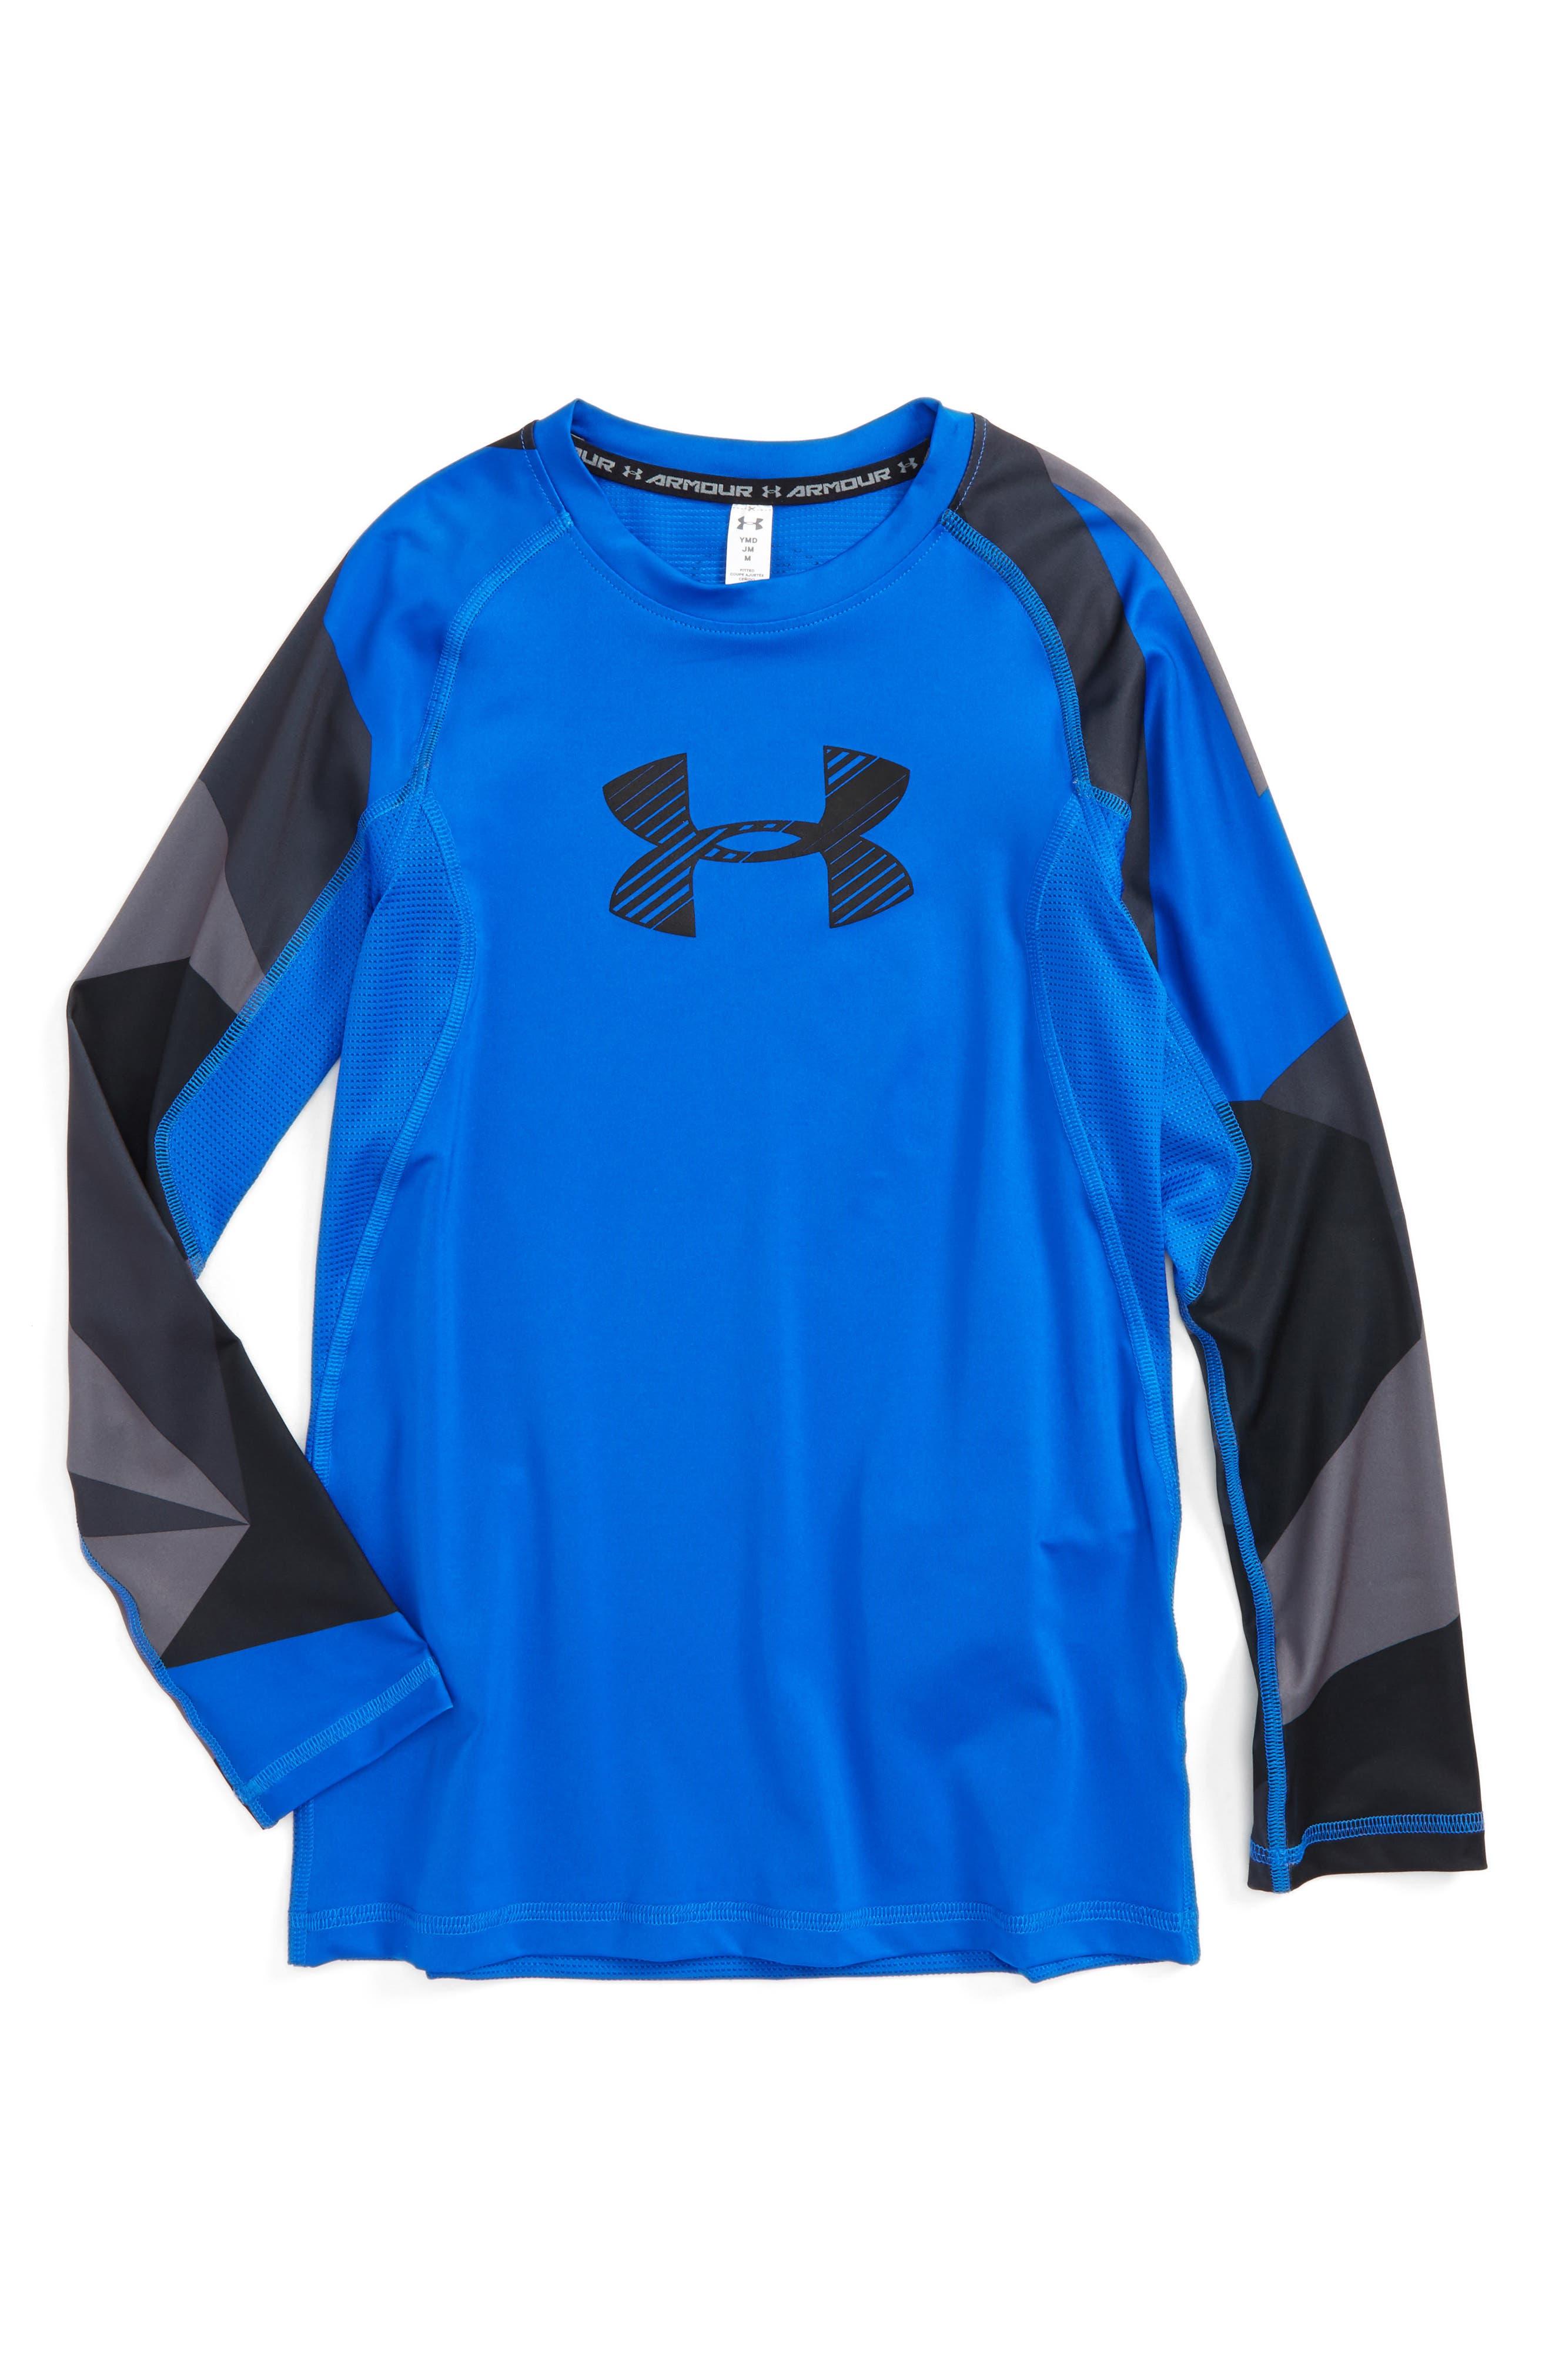 Main Image - Under Armour Novelty HeatGear® Shirt (Little Boys & Big Boys)